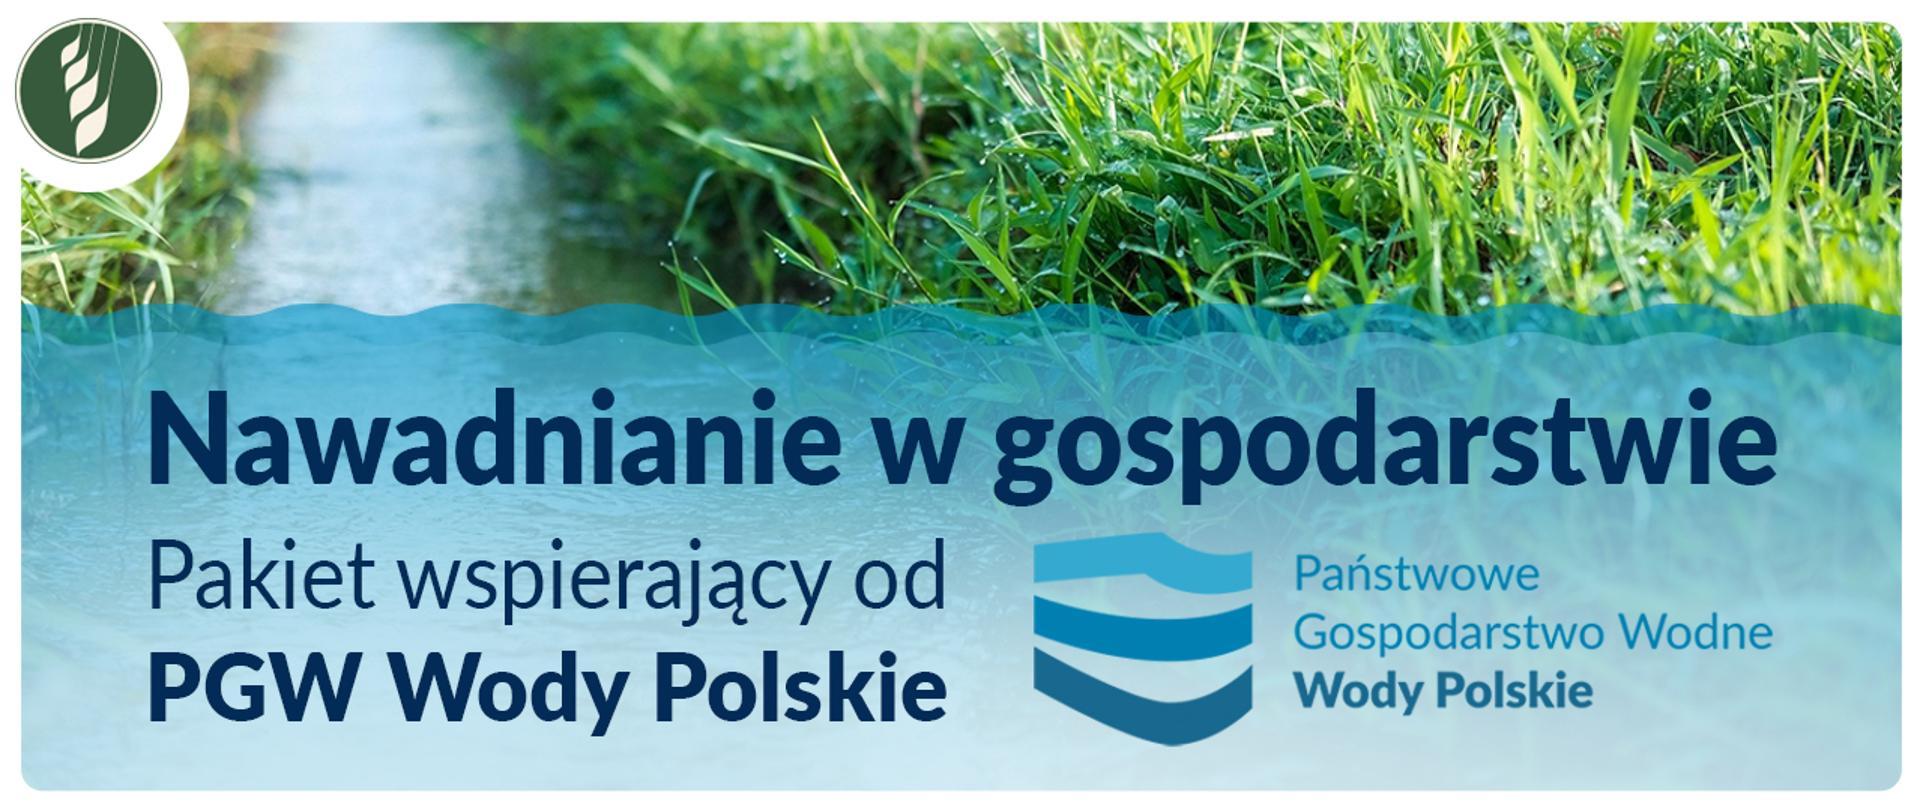 Nawadnianie w gospodarstwie – PGW Wody Polskie przygotowało pakiet wspierający